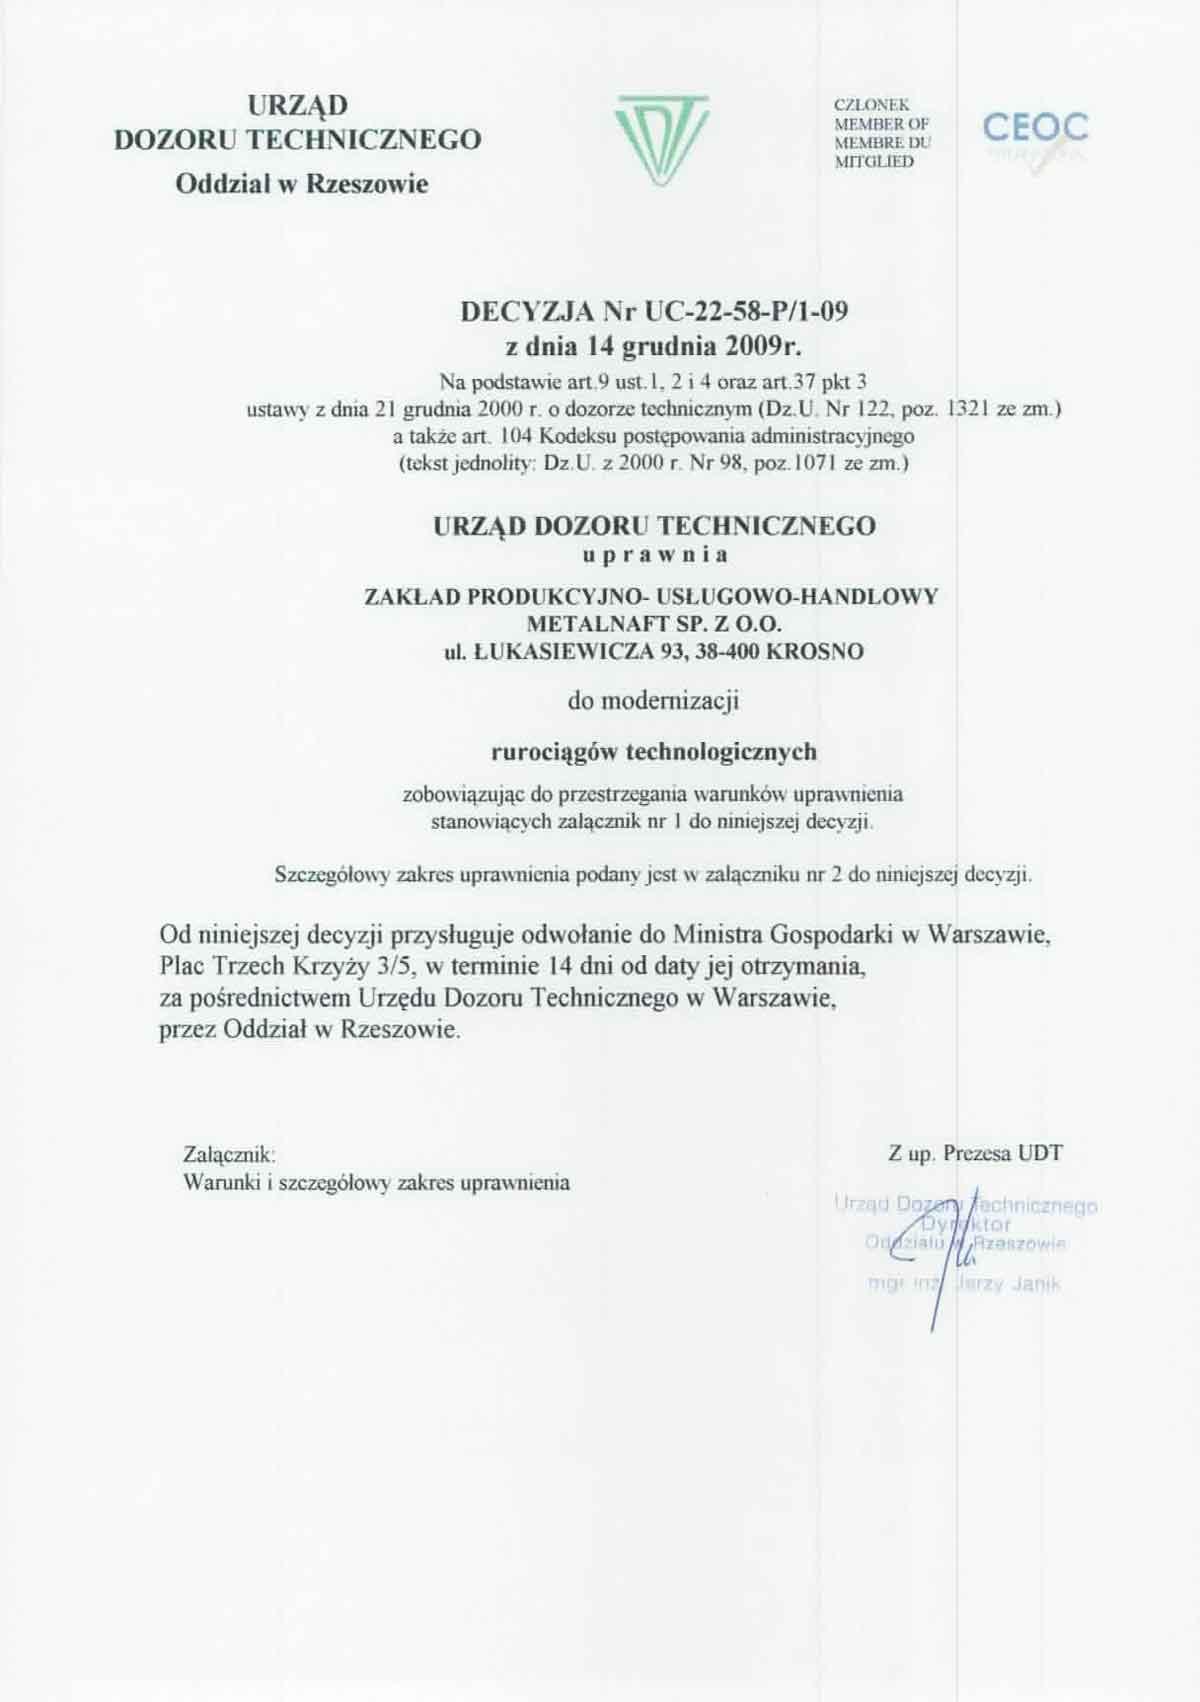 Uprawnienia UDT do modernizacji rurociągów technologicznych